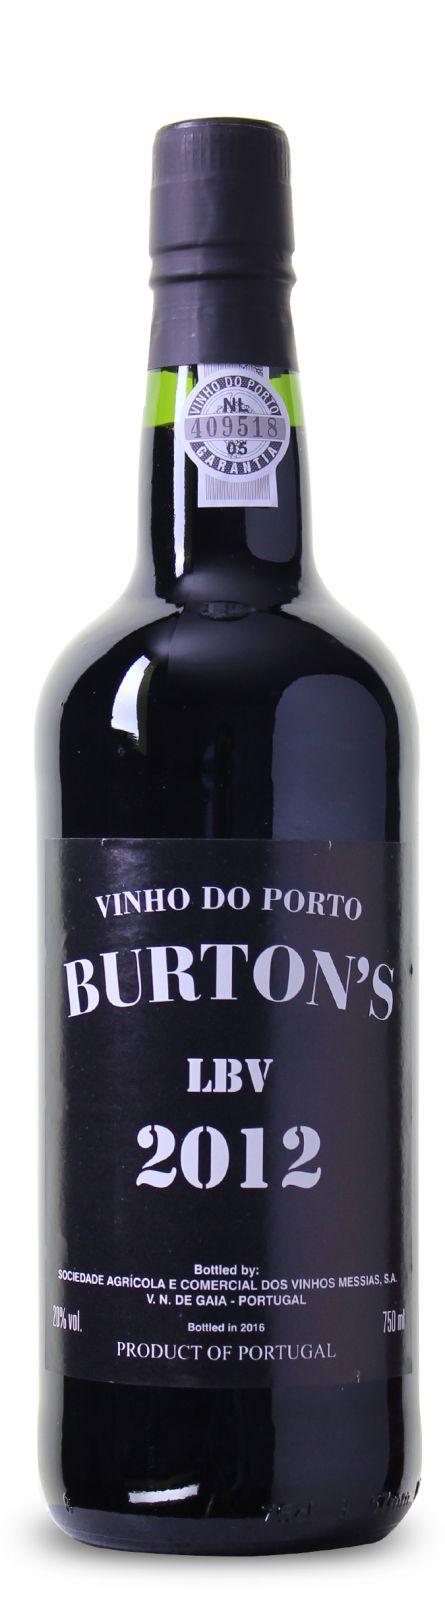 burtons-late-bottled-vintage-port_bottle-500x500.jpg